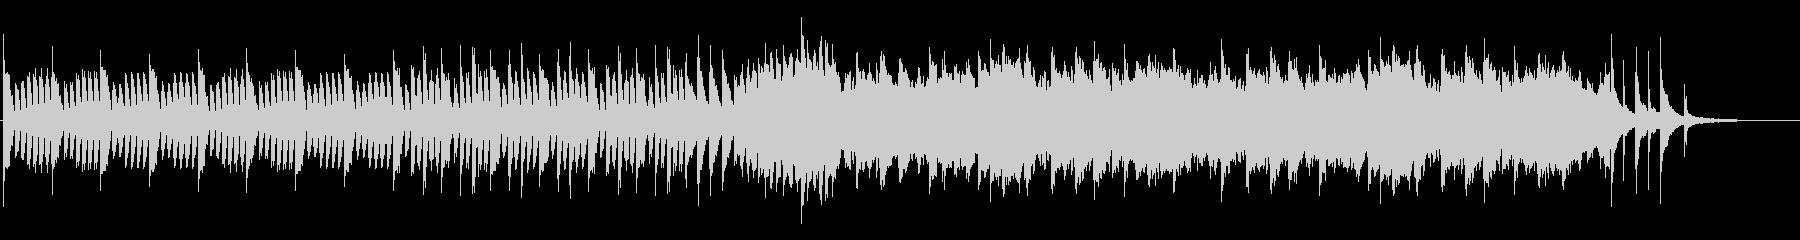 ほのぼの日常なフルートサウンドの未再生の波形